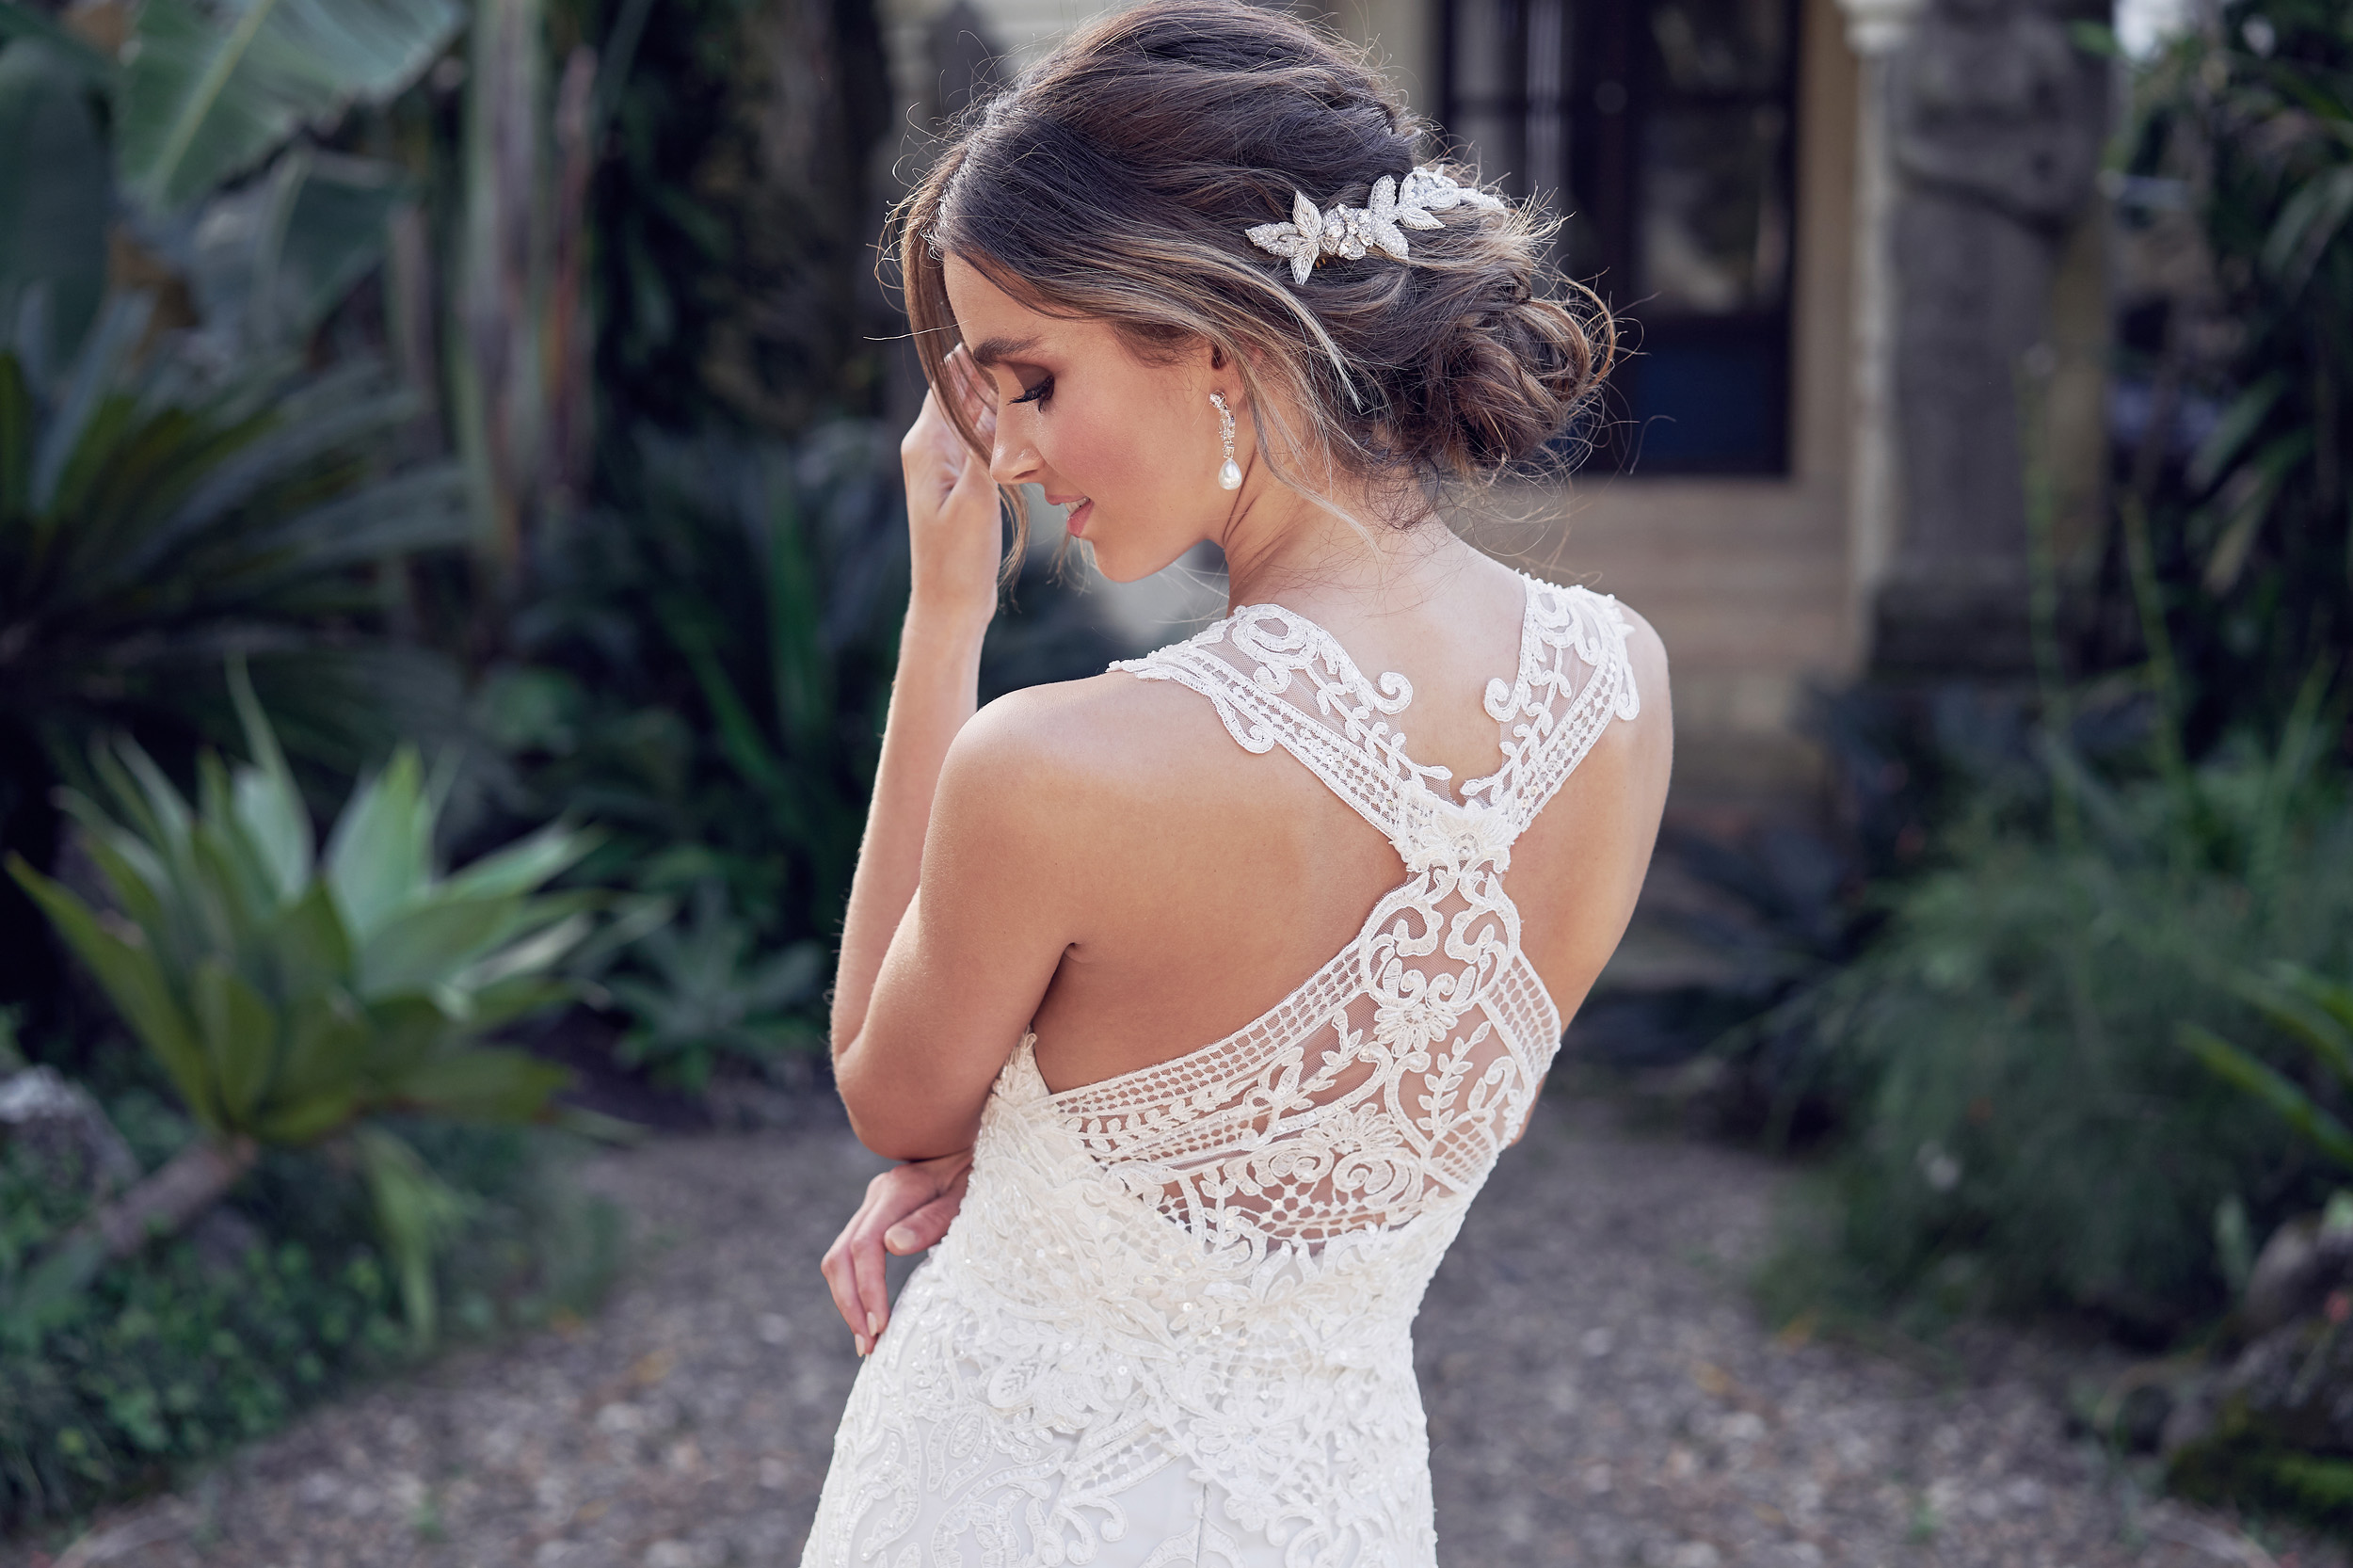 Winter Dress (Trumpet Skirt)_wanderlust_anna_campbell_wedding_Dress_inspire_Weddings.jpg